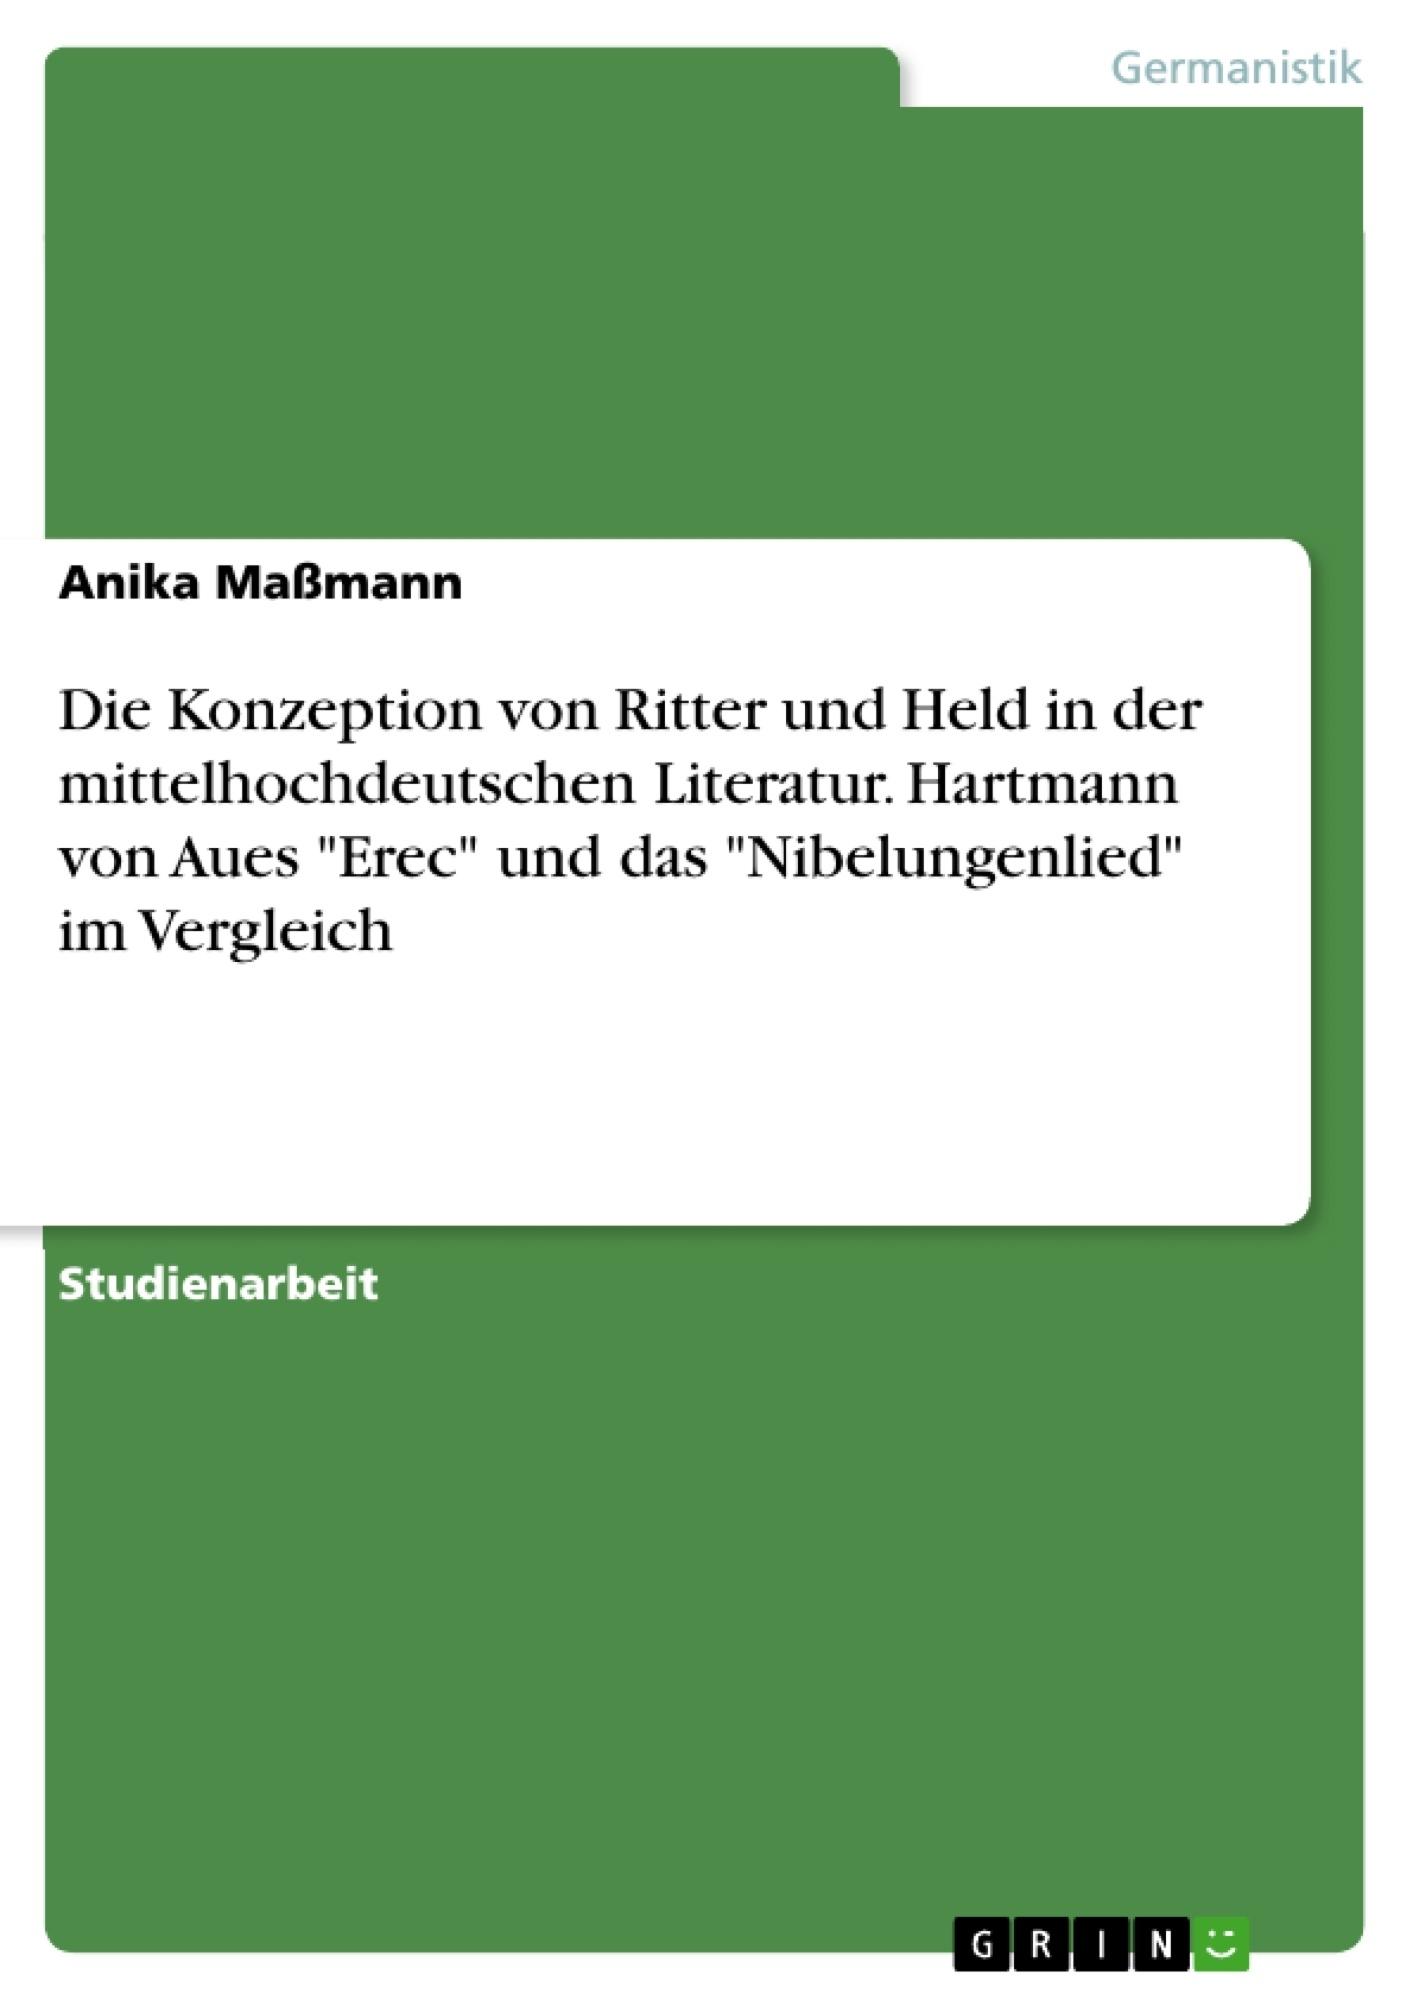 """Titel: Die Konzeption von Ritter und Held in der mittelhochdeutschen Literatur. Hartmann von Aues """"Erec"""" und das """"Nibelungenlied"""" im Vergleich"""